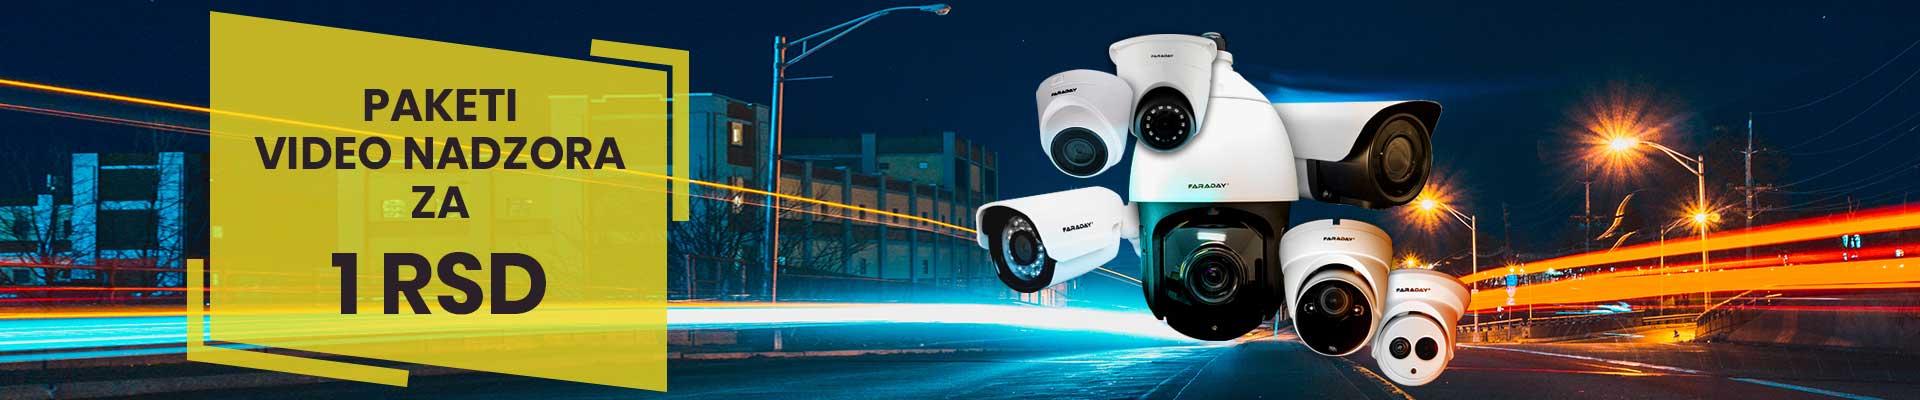 Paketi video nadzora za 1 RSD